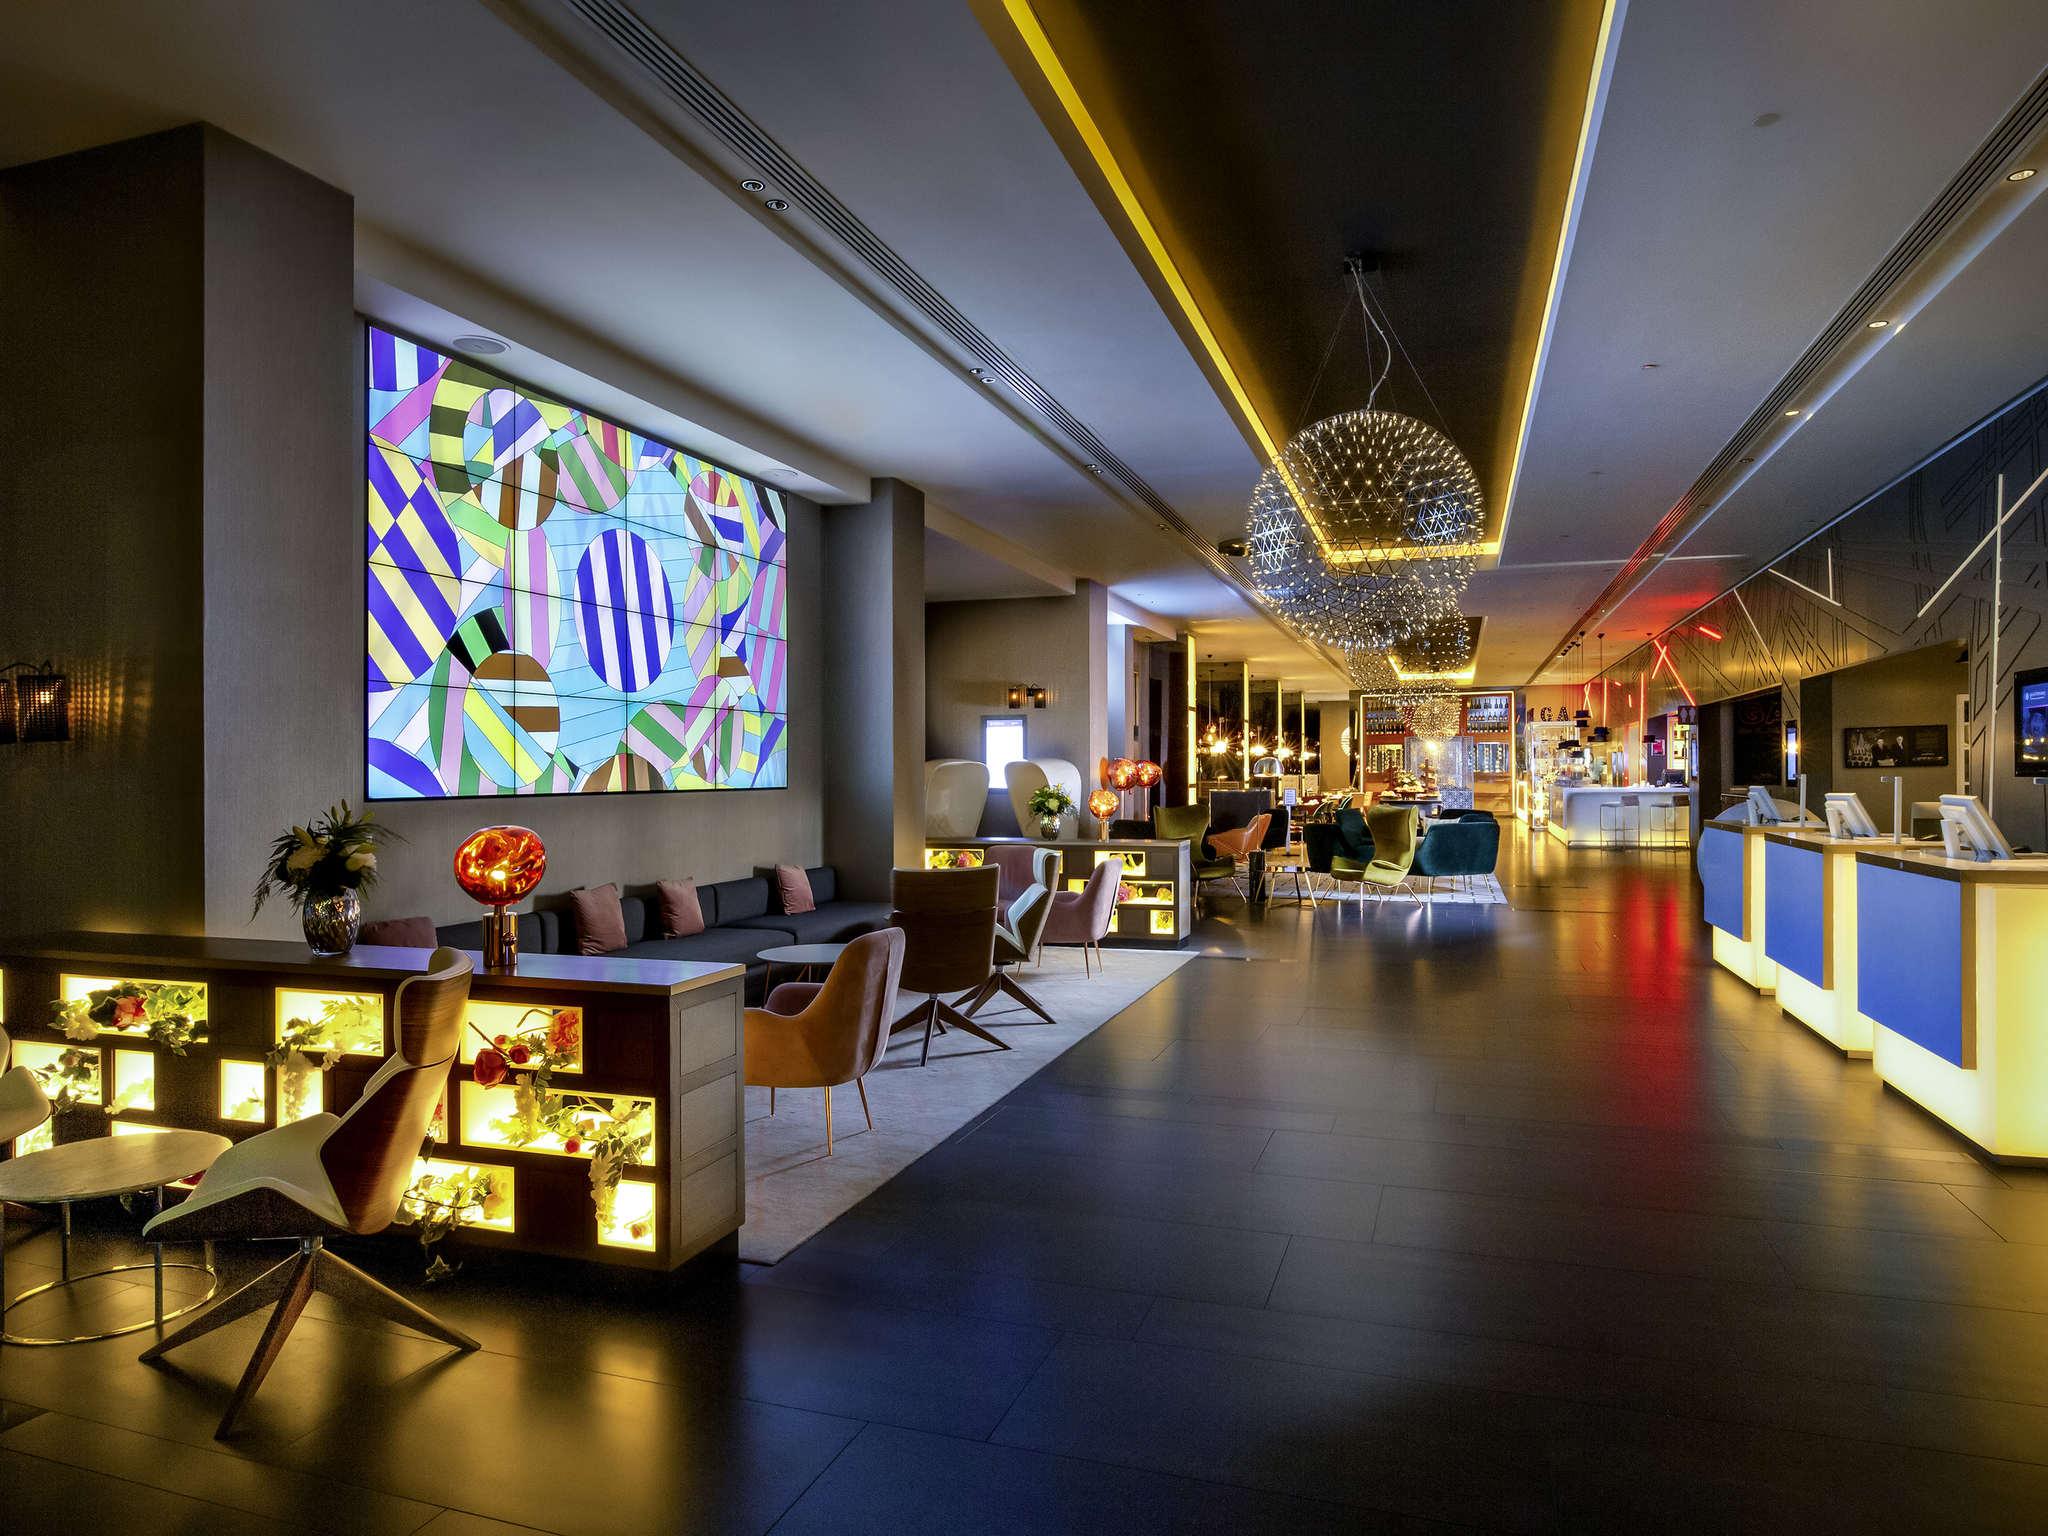 โรงแรม – พูลแมน ลอนดอน เซนต์แพนคราส